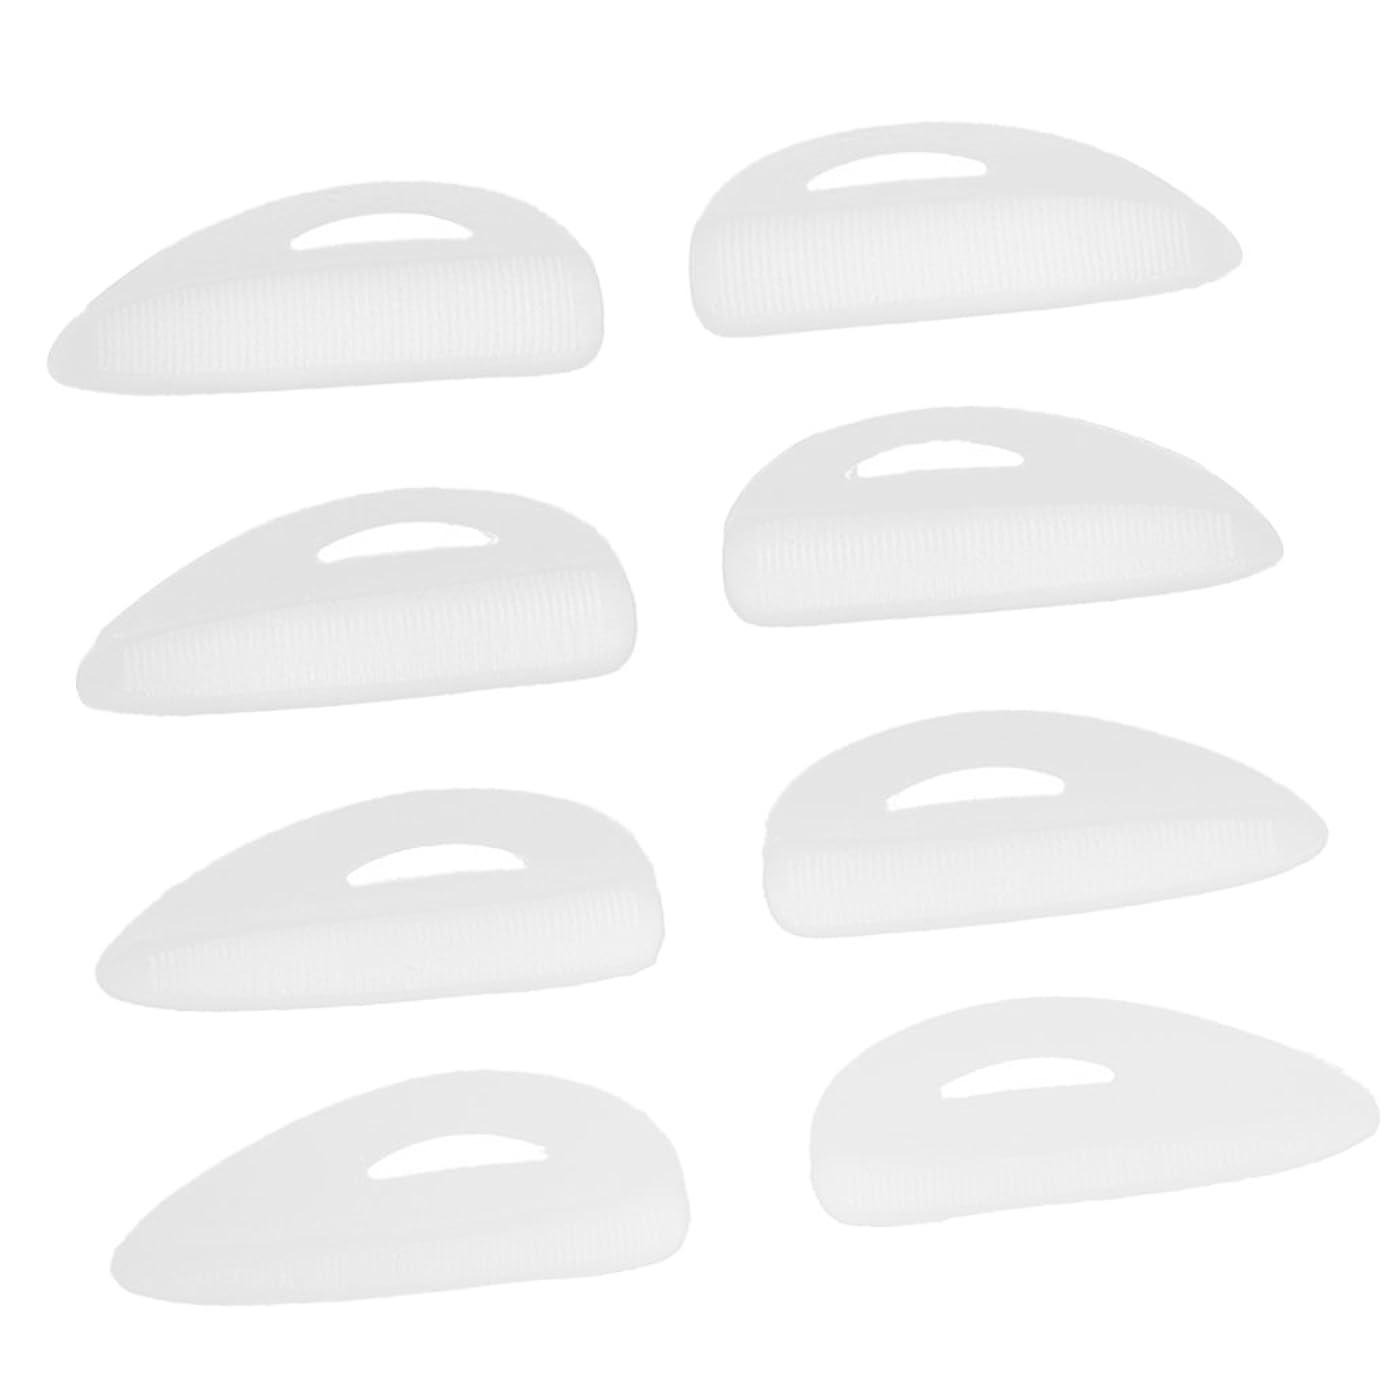 レッスン床を掃除する上下する4ペア つけまつげパッド アイラッシュ まつげ カーラーパッド 再利用可 シリコン エクステンションシールド 化粧ツール